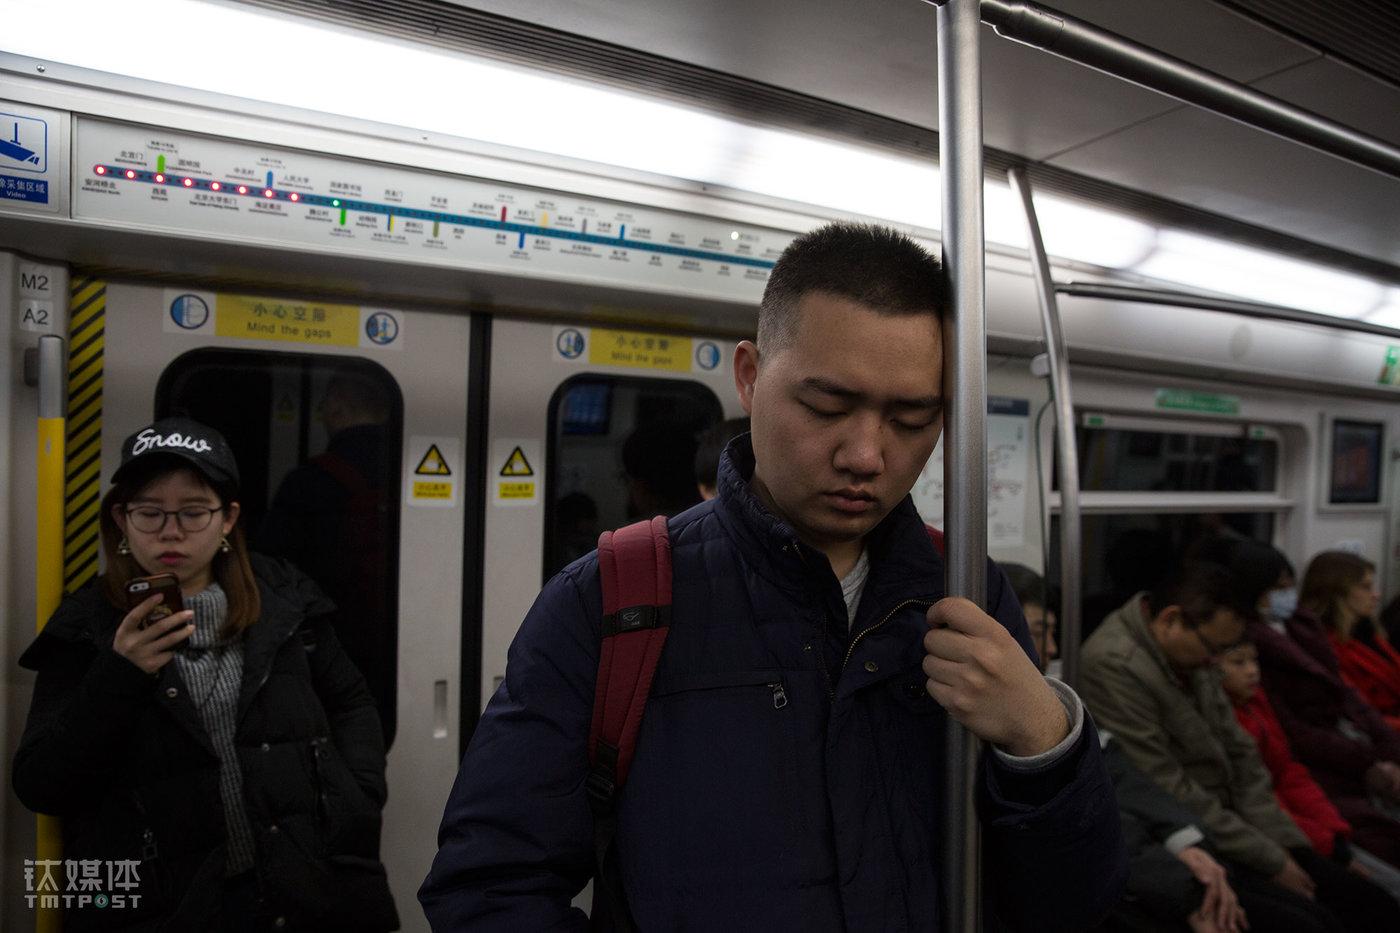 参加完昌平一个面试后,小徐坐地铁返回通州梨园住处,长距离的往返和连续的谈话让他有些疲惫。